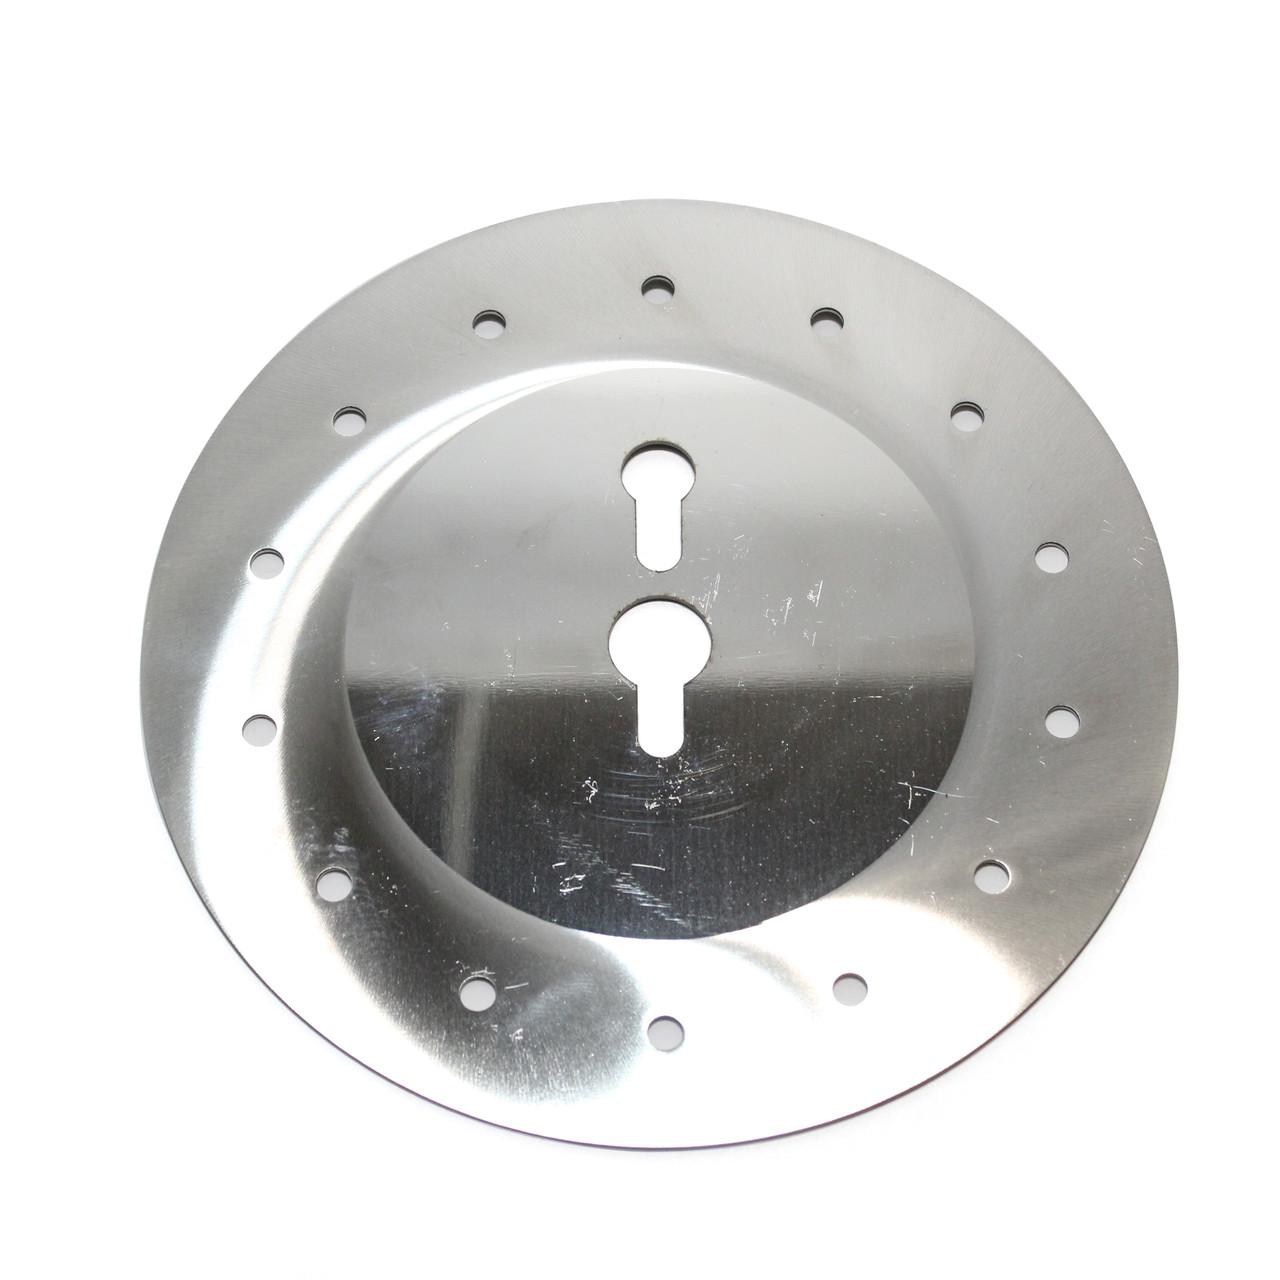 Диск высевающего аппарата СУПН-8А (14отв.Ø5мм.) Н126.14.425 нержавейка